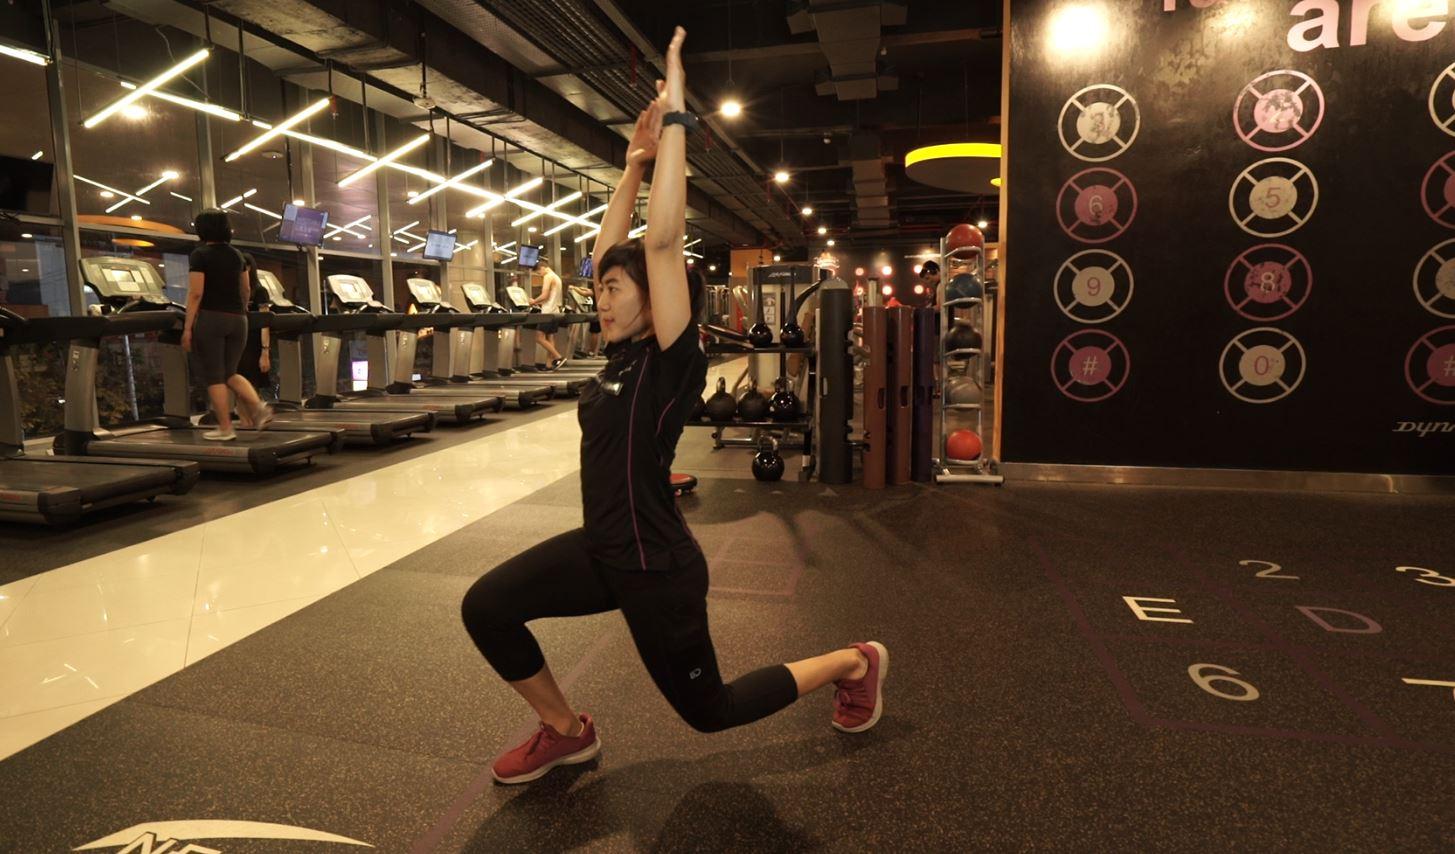 Tetap sehat saat puasa, ini tips olahraga ringan yang cocok buatmu